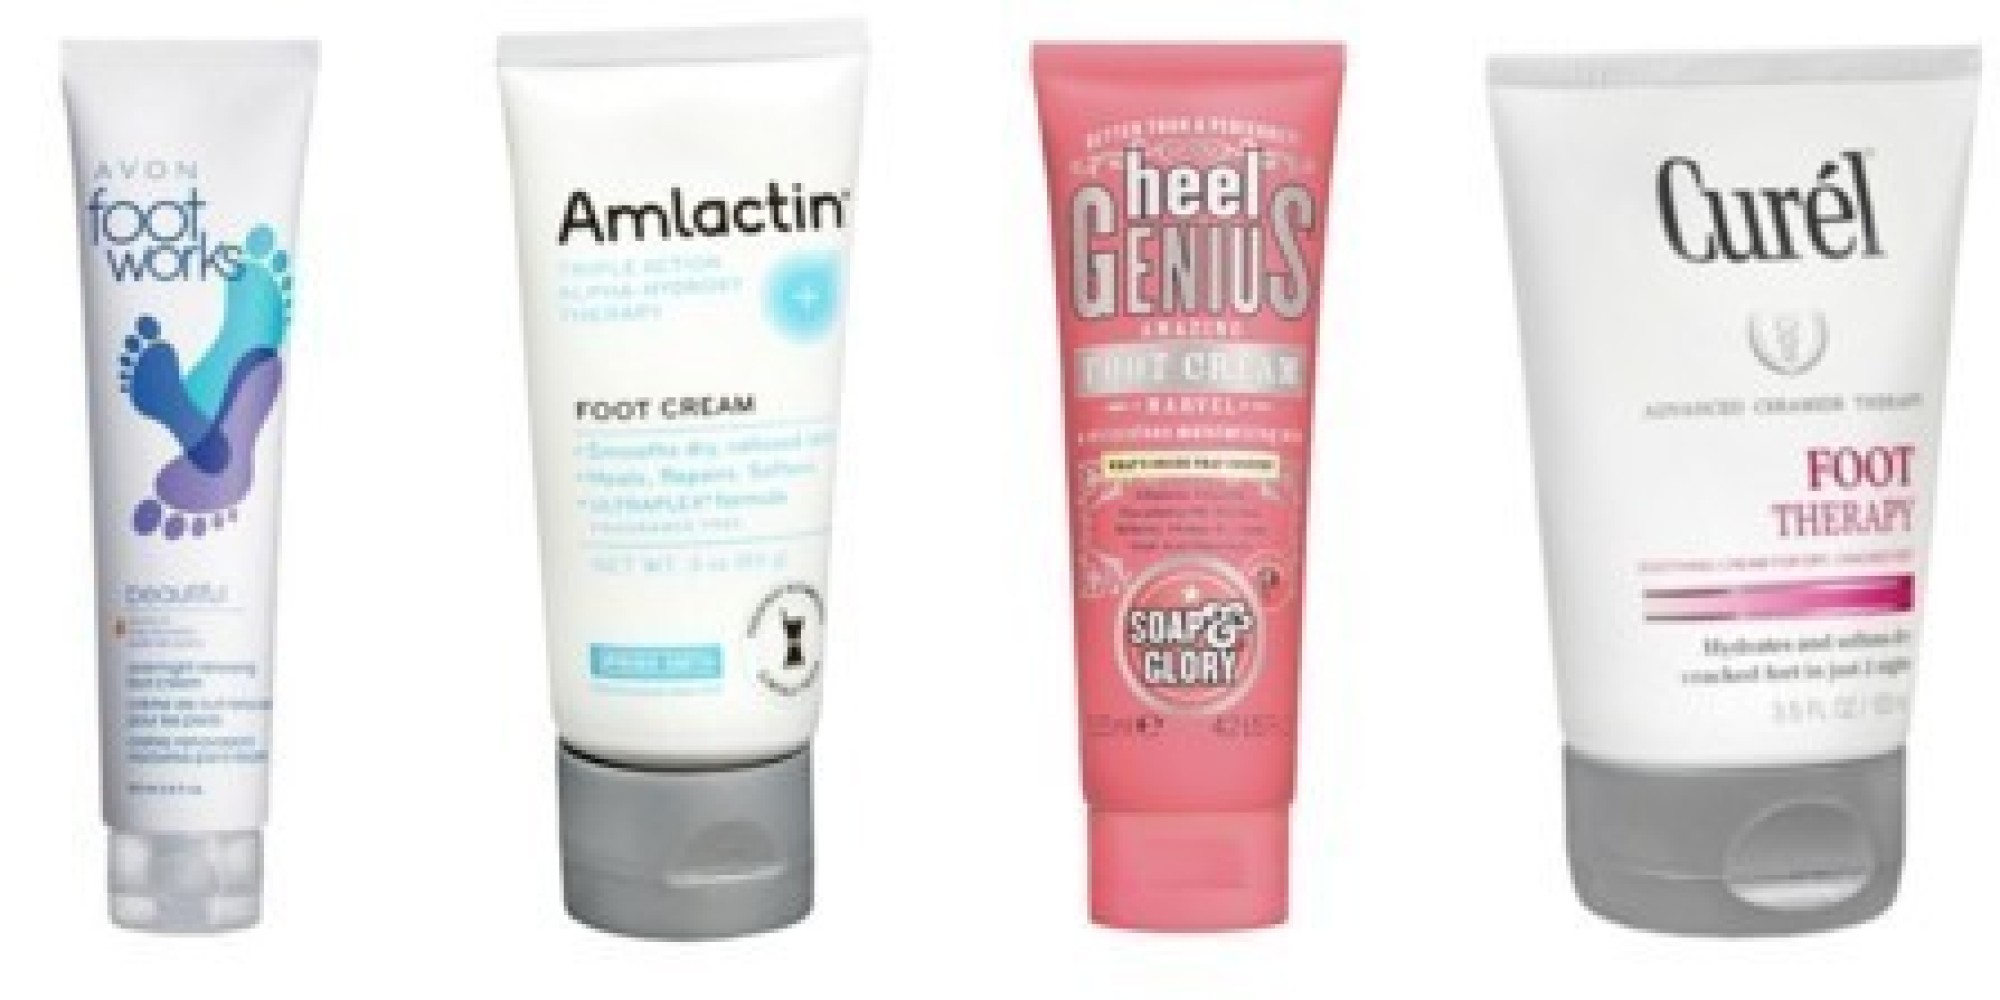 The best foot cream